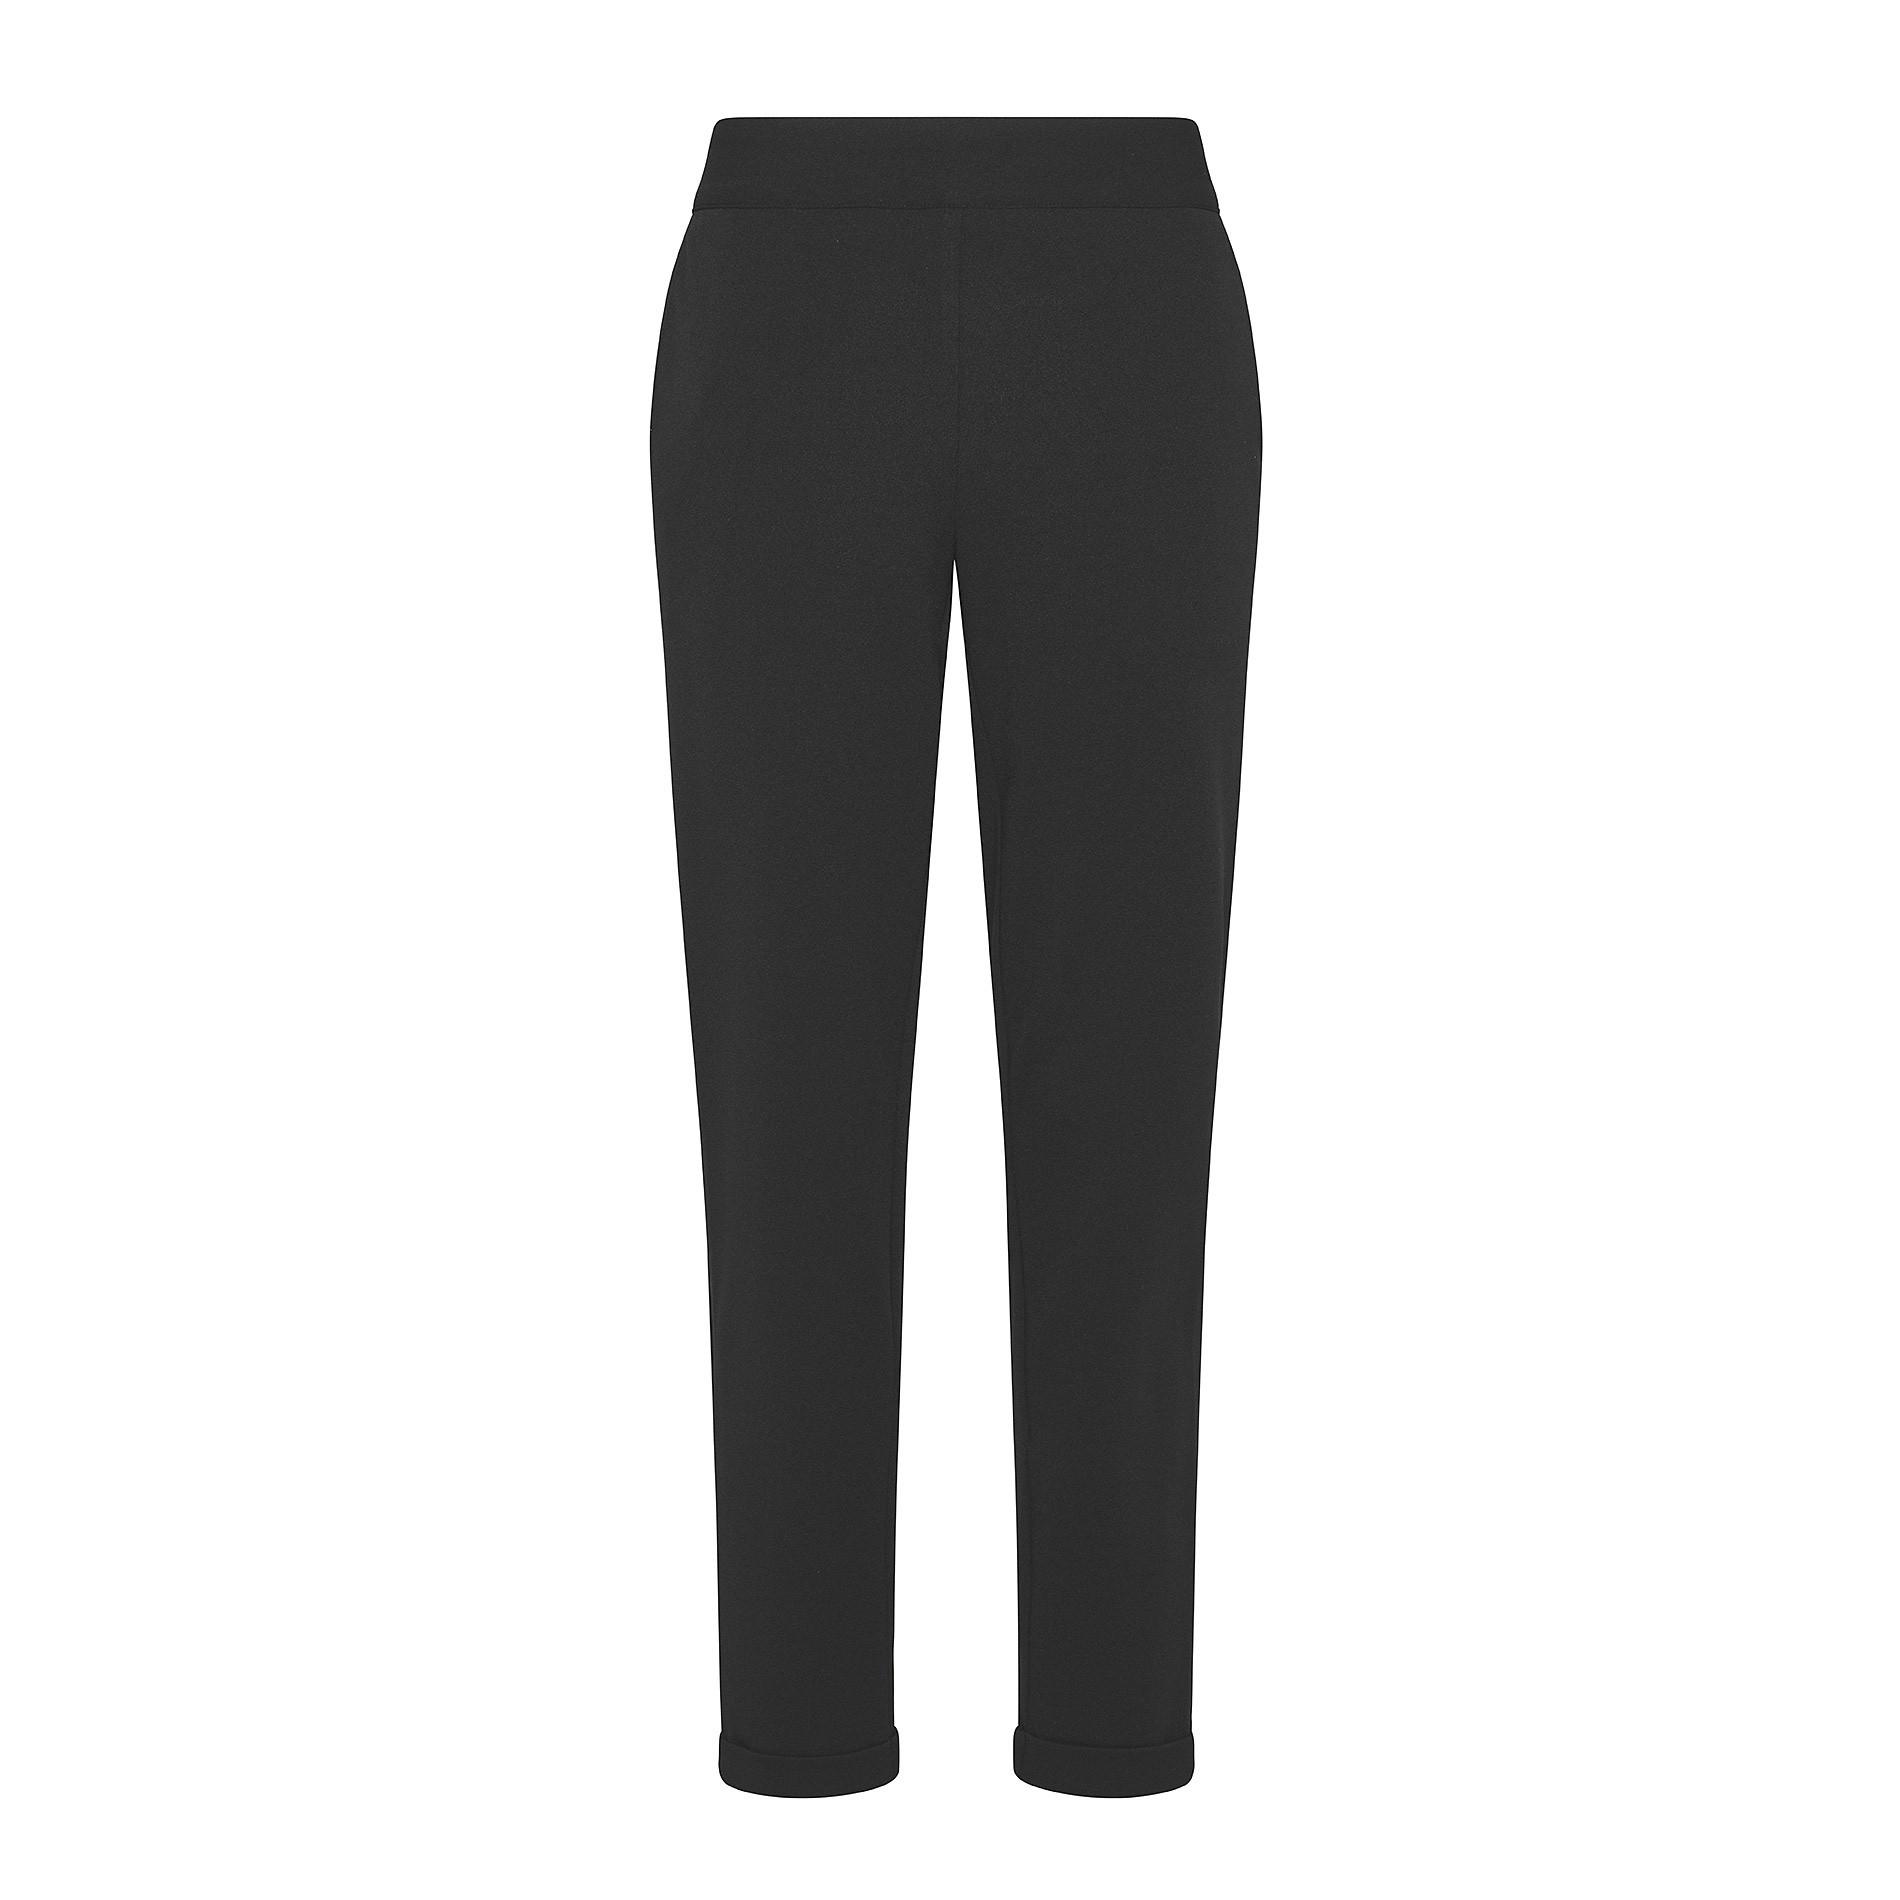 Pantalone tessuto crêpe Koan, Nero, large image number 0